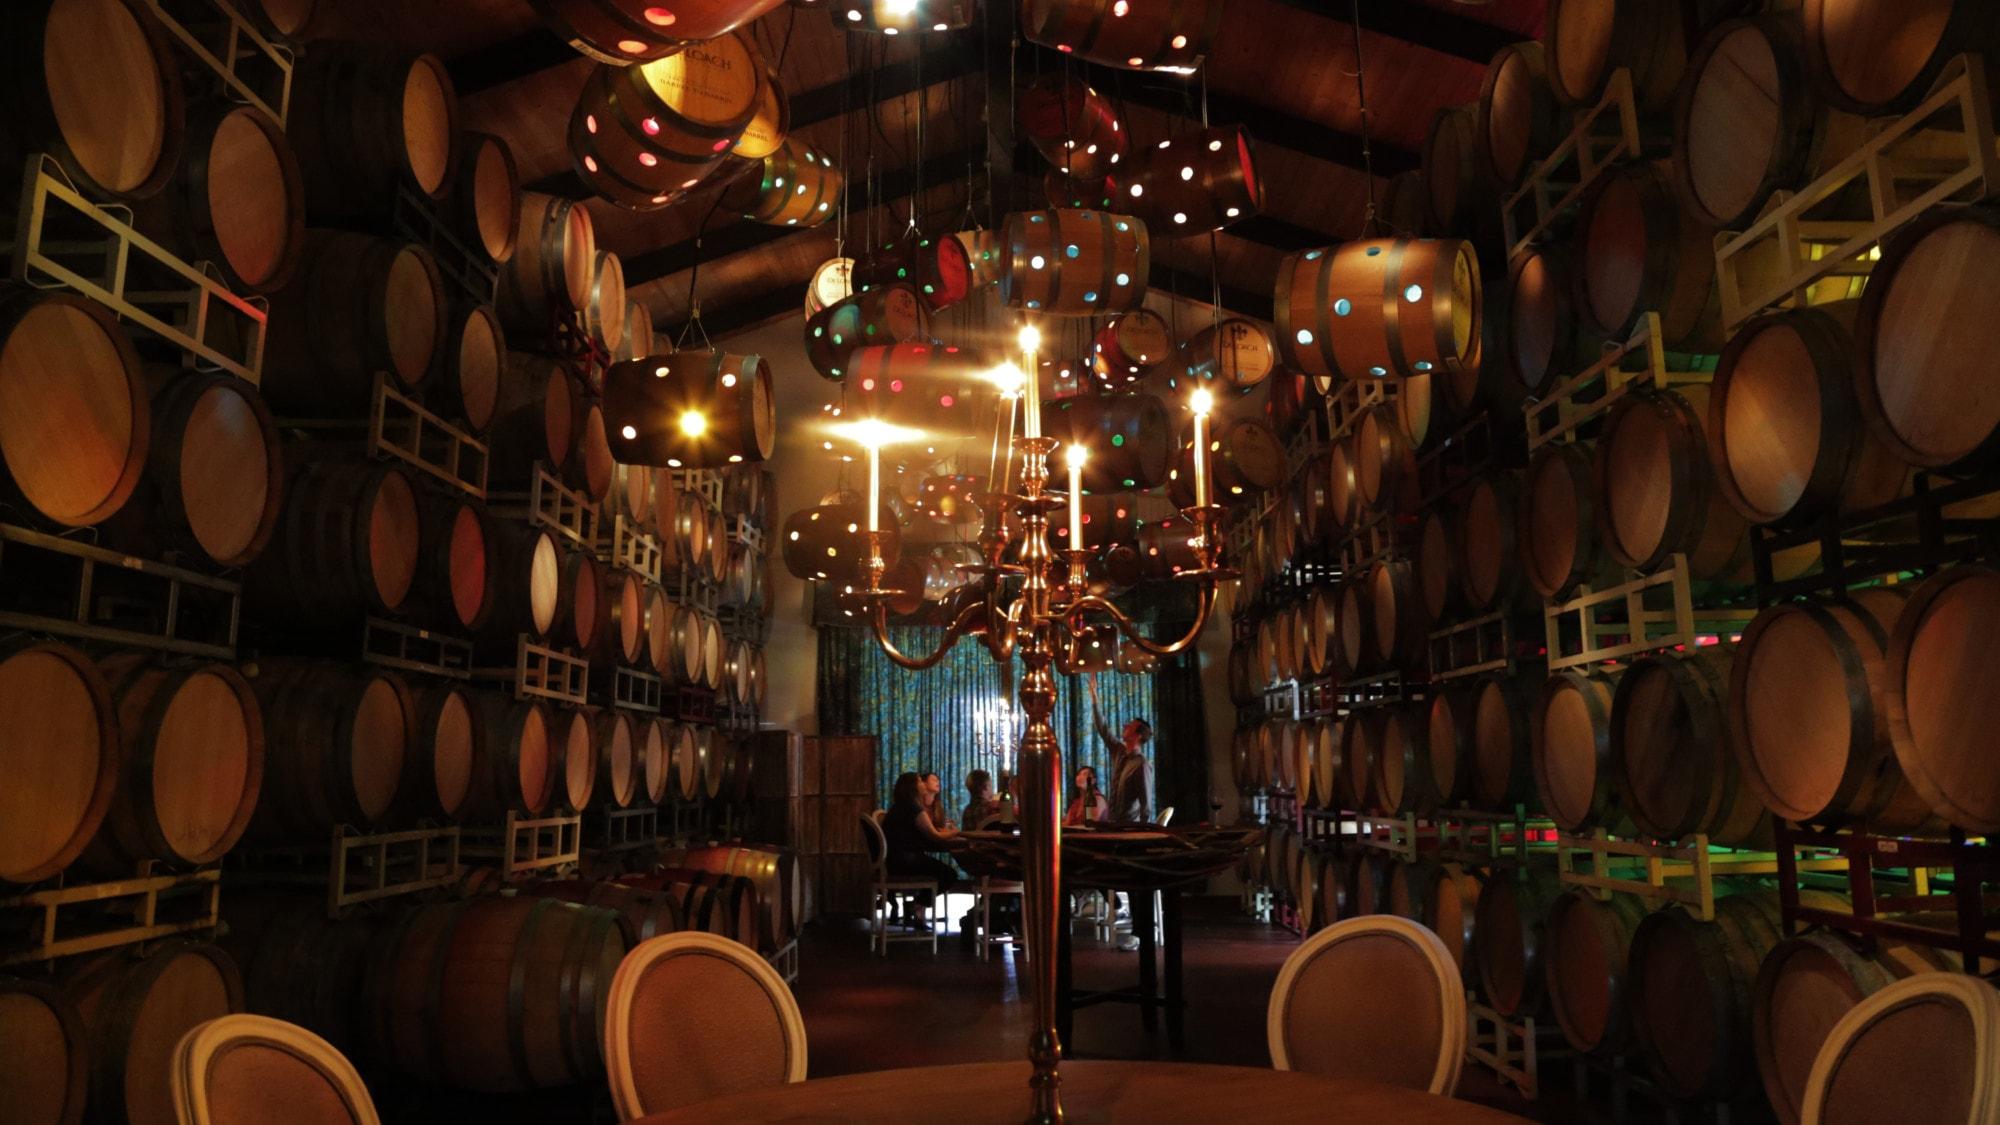 Deloach-Vineyards-Barrel-Room